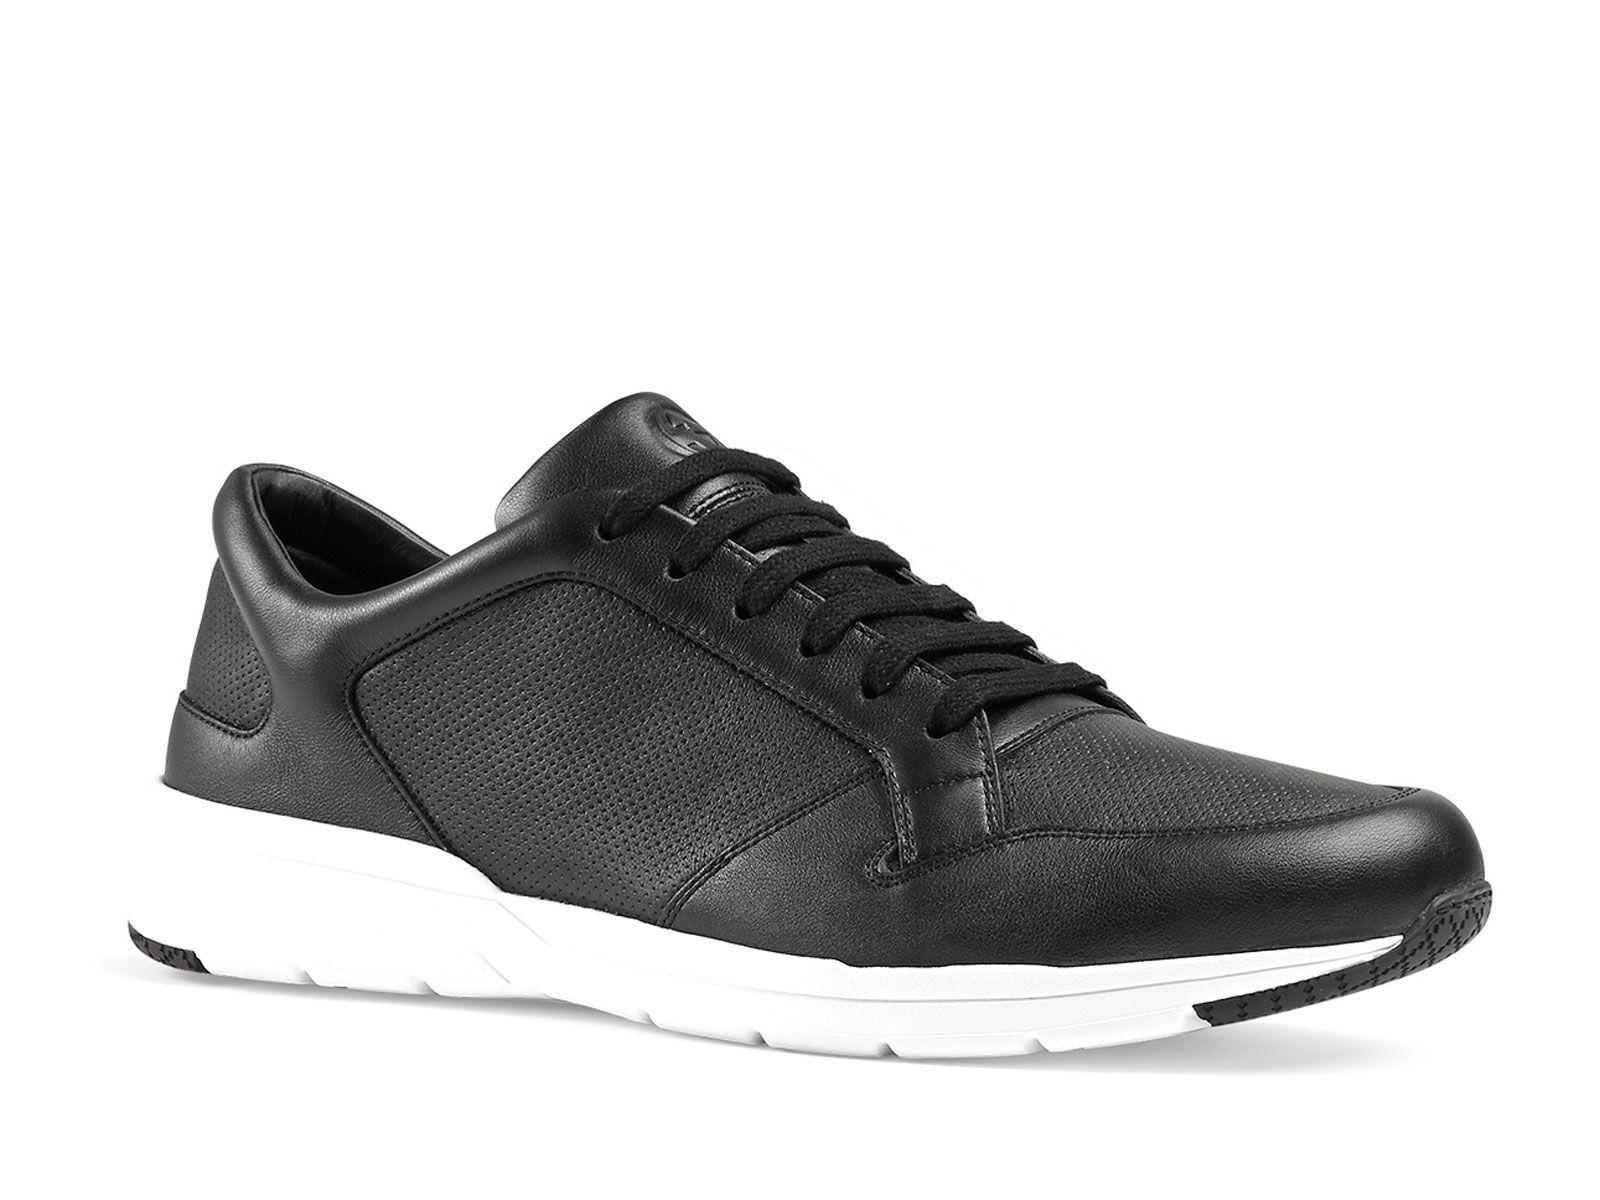 22401d8d0cc Gucci men s black Leather sneakers shoes - Italian Boutique €322 ...